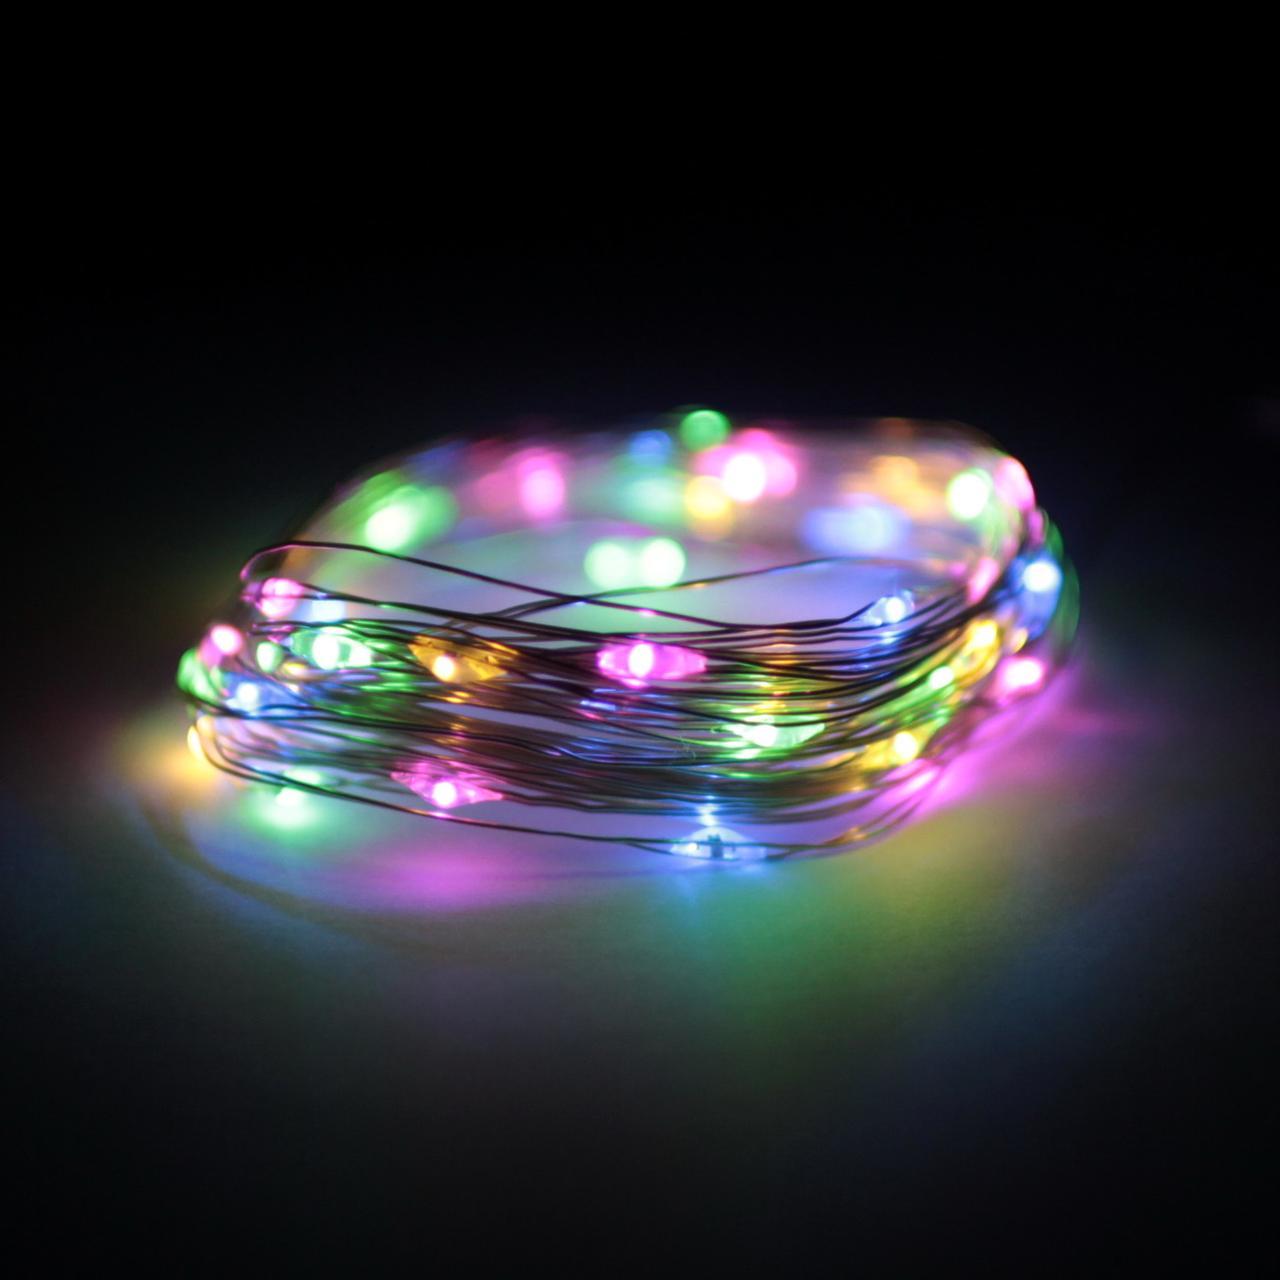 Декор Светодиодная Гирлянда Нить ЛЕД Разноцветная На Батарейках 4,5м 50led Multicolor